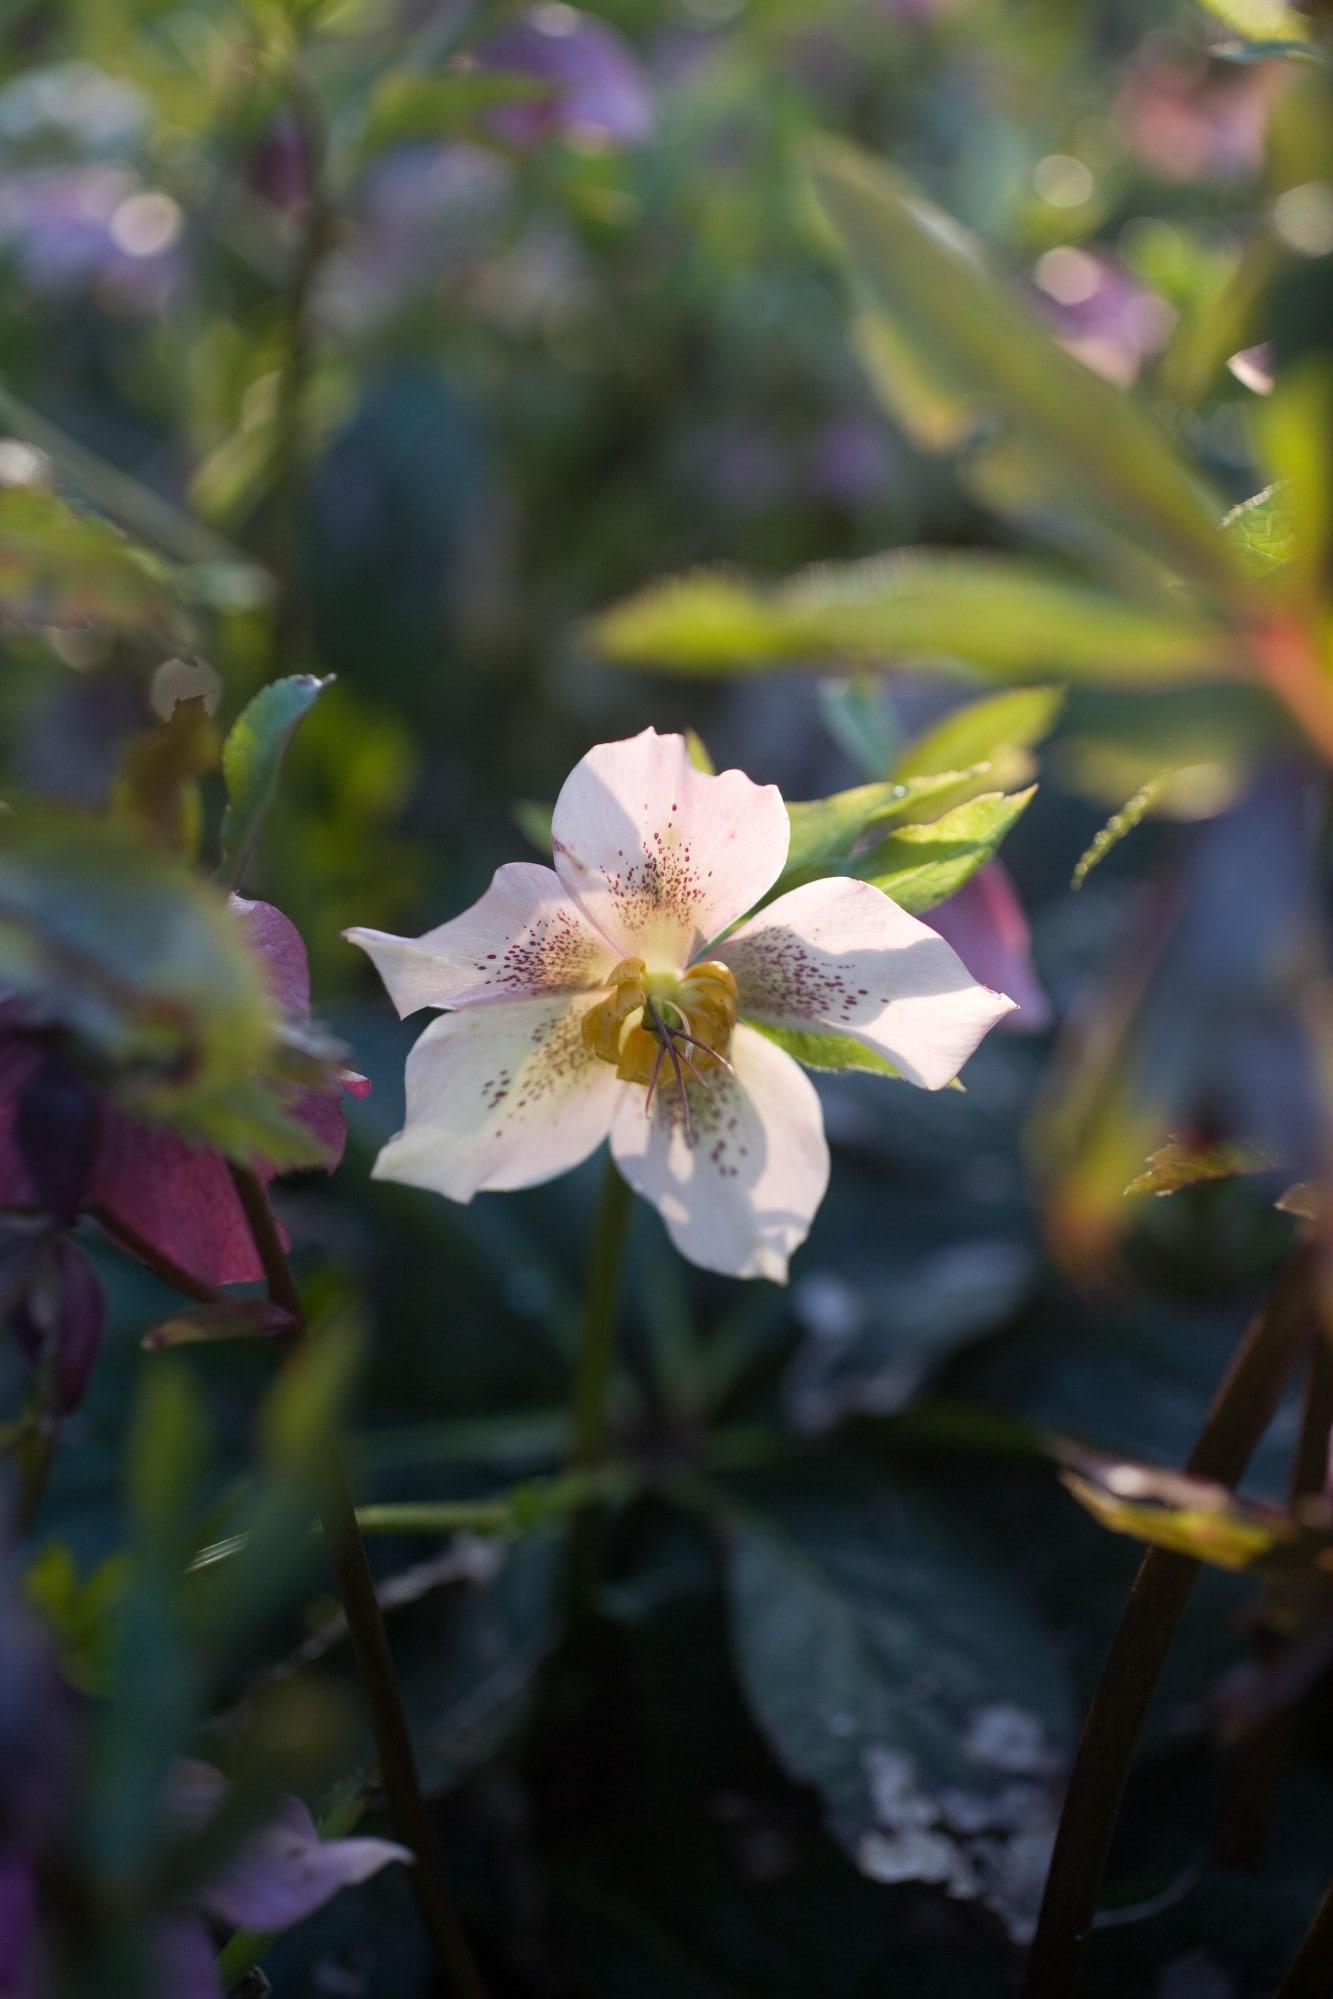 Solsken genom en vit orientalishybrid med små purpurfärgade fläckar.